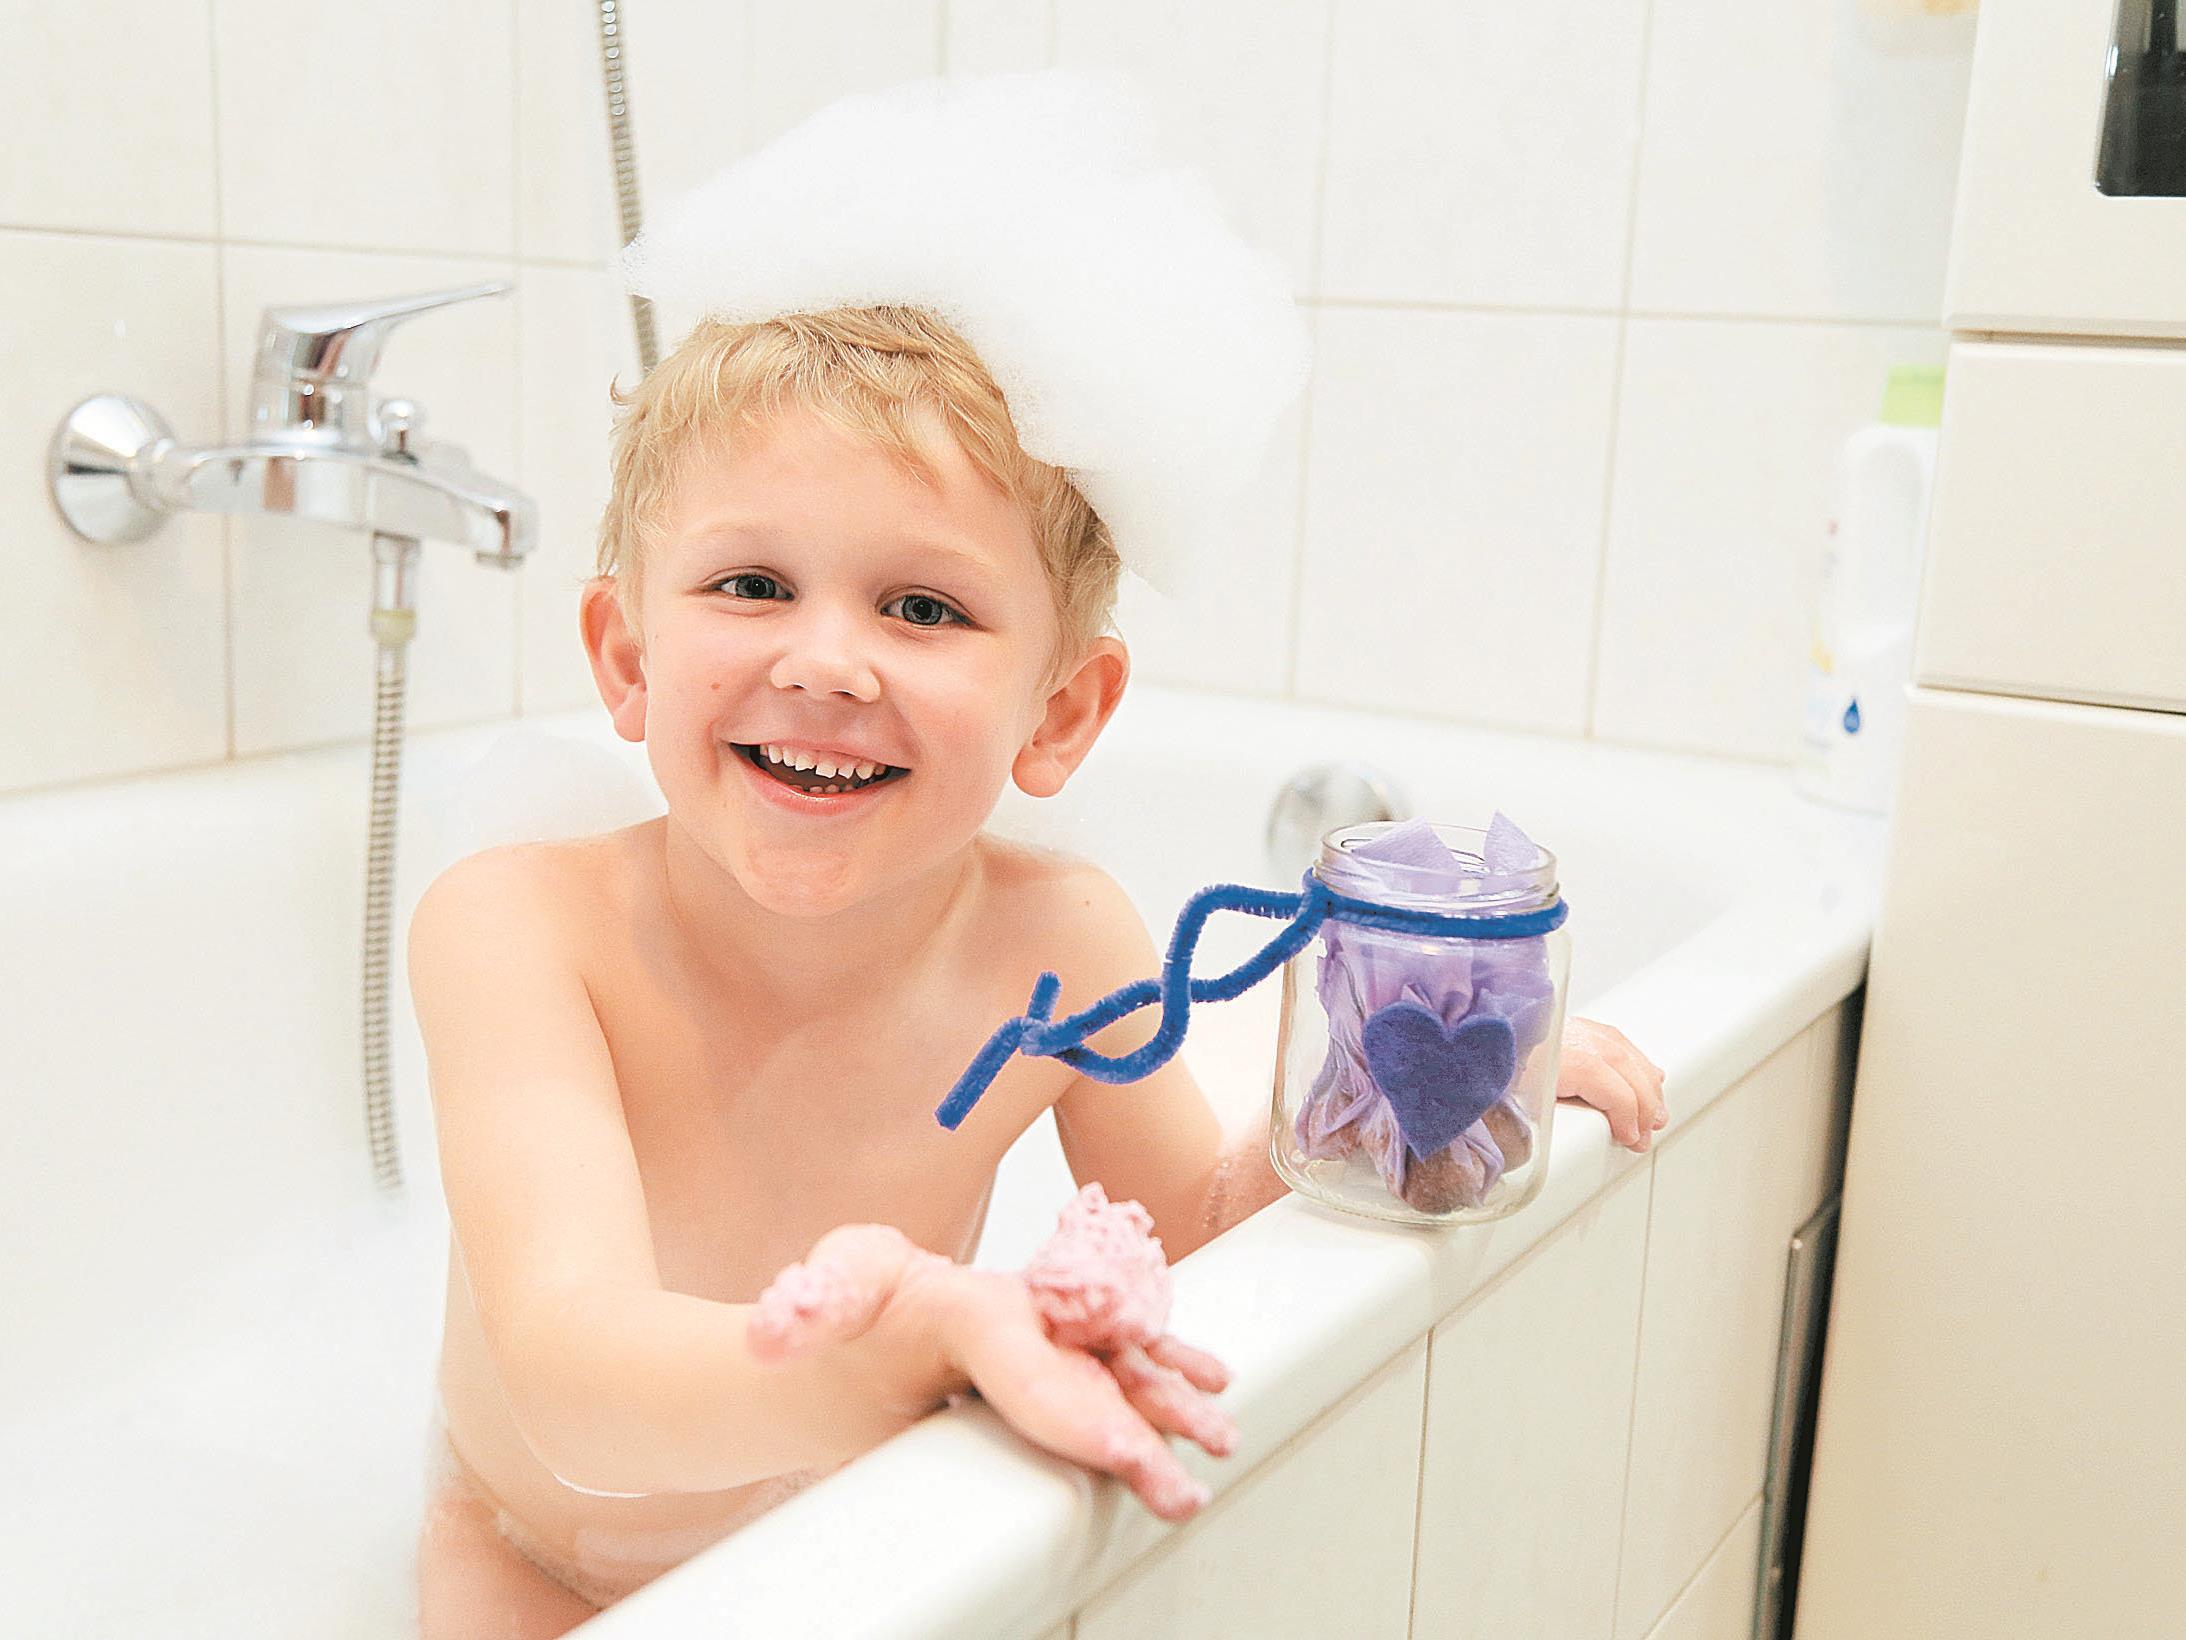 """Am Sonntag ist Muttertag – Jason hat vorab schon die Badepralinen für Mama """"getestet""""."""